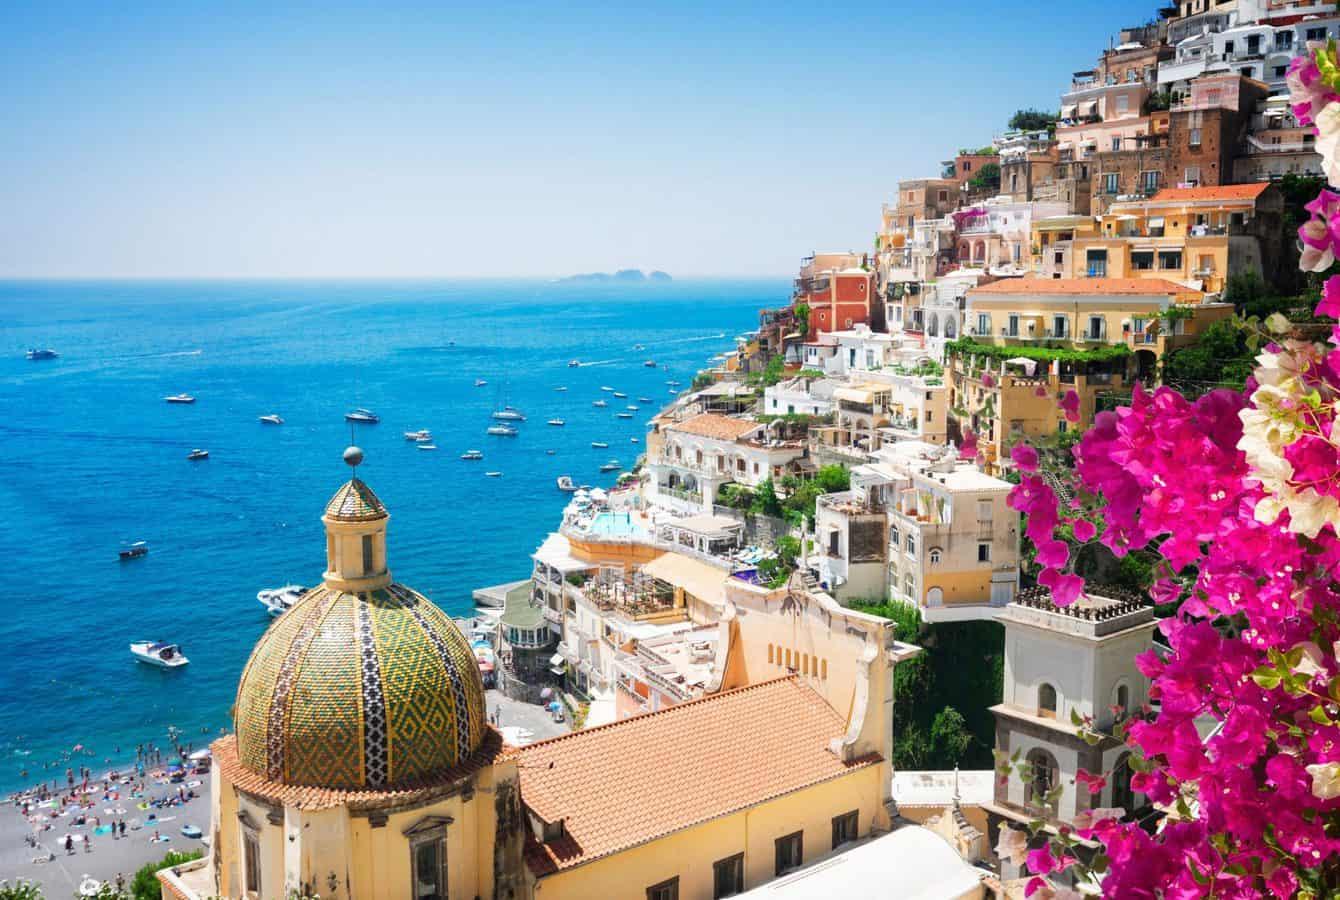 00-story-image-amalfi-coast-italy-travel-guide